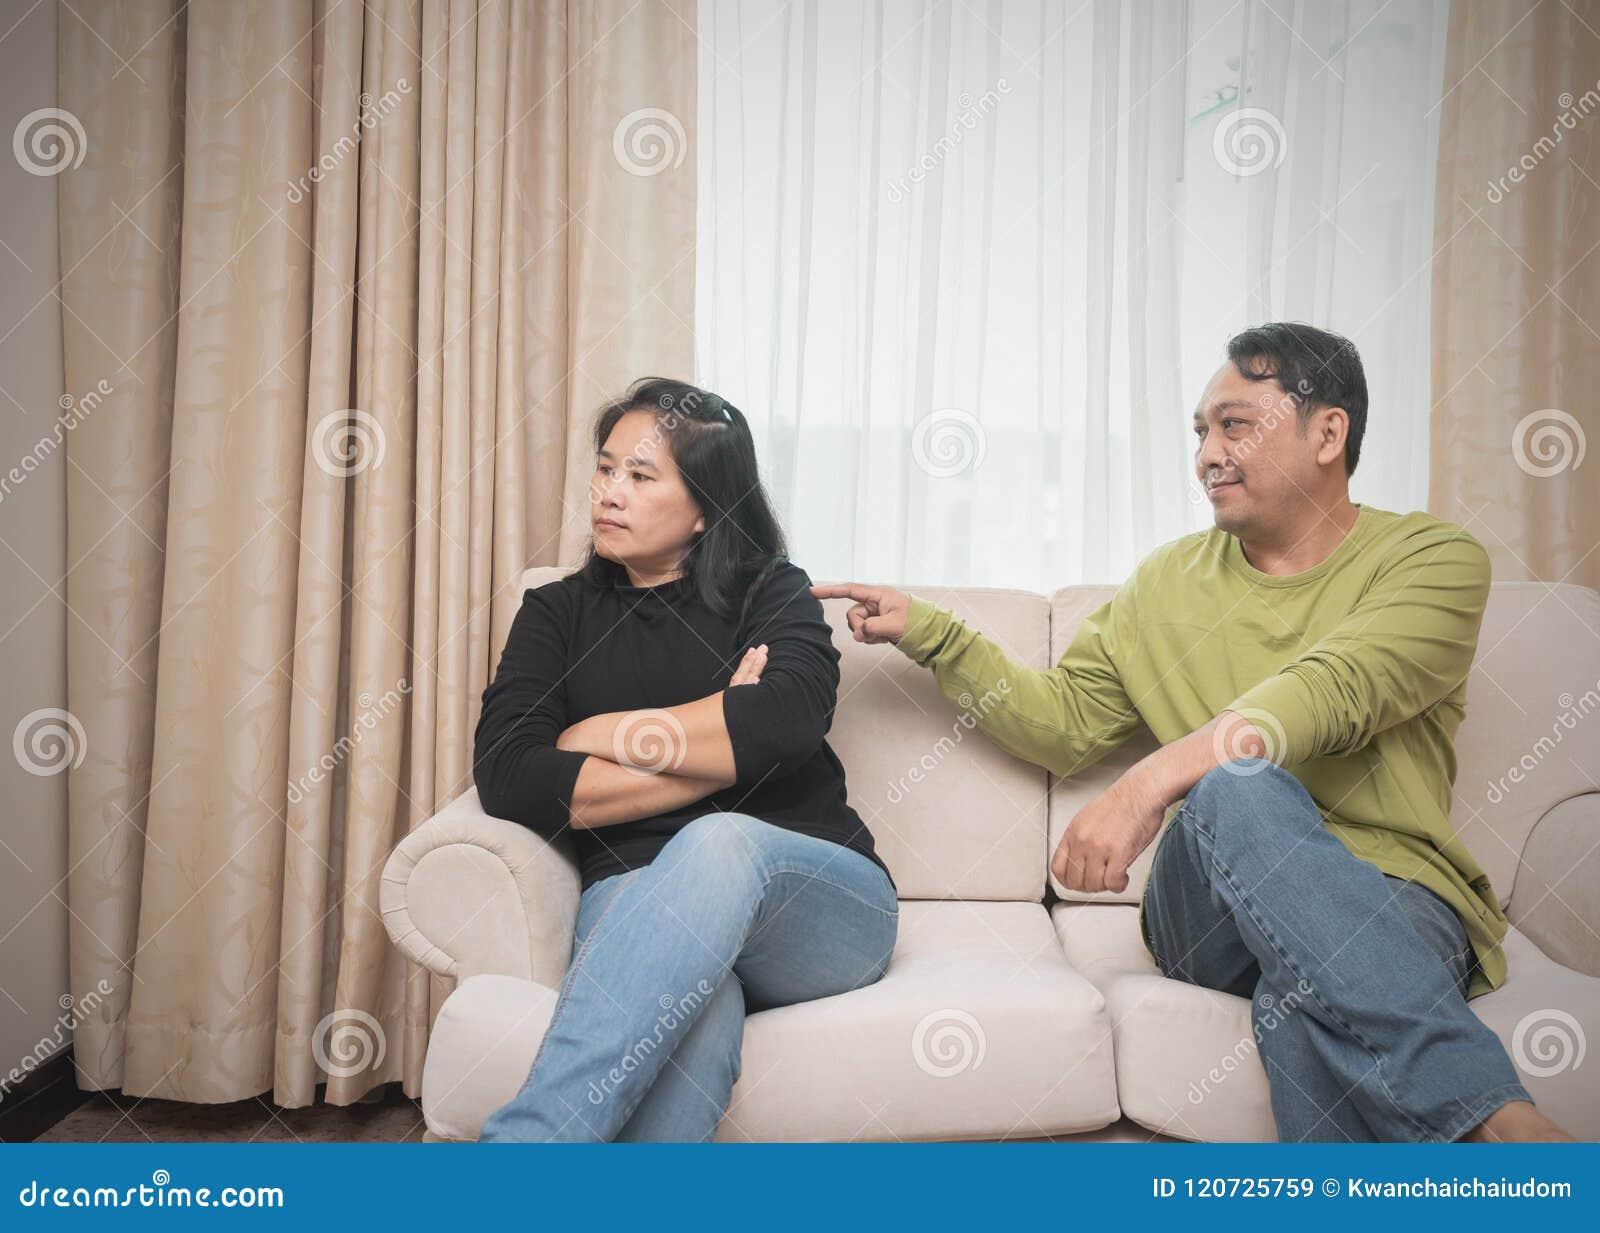 Online dating for spiritual singles uk